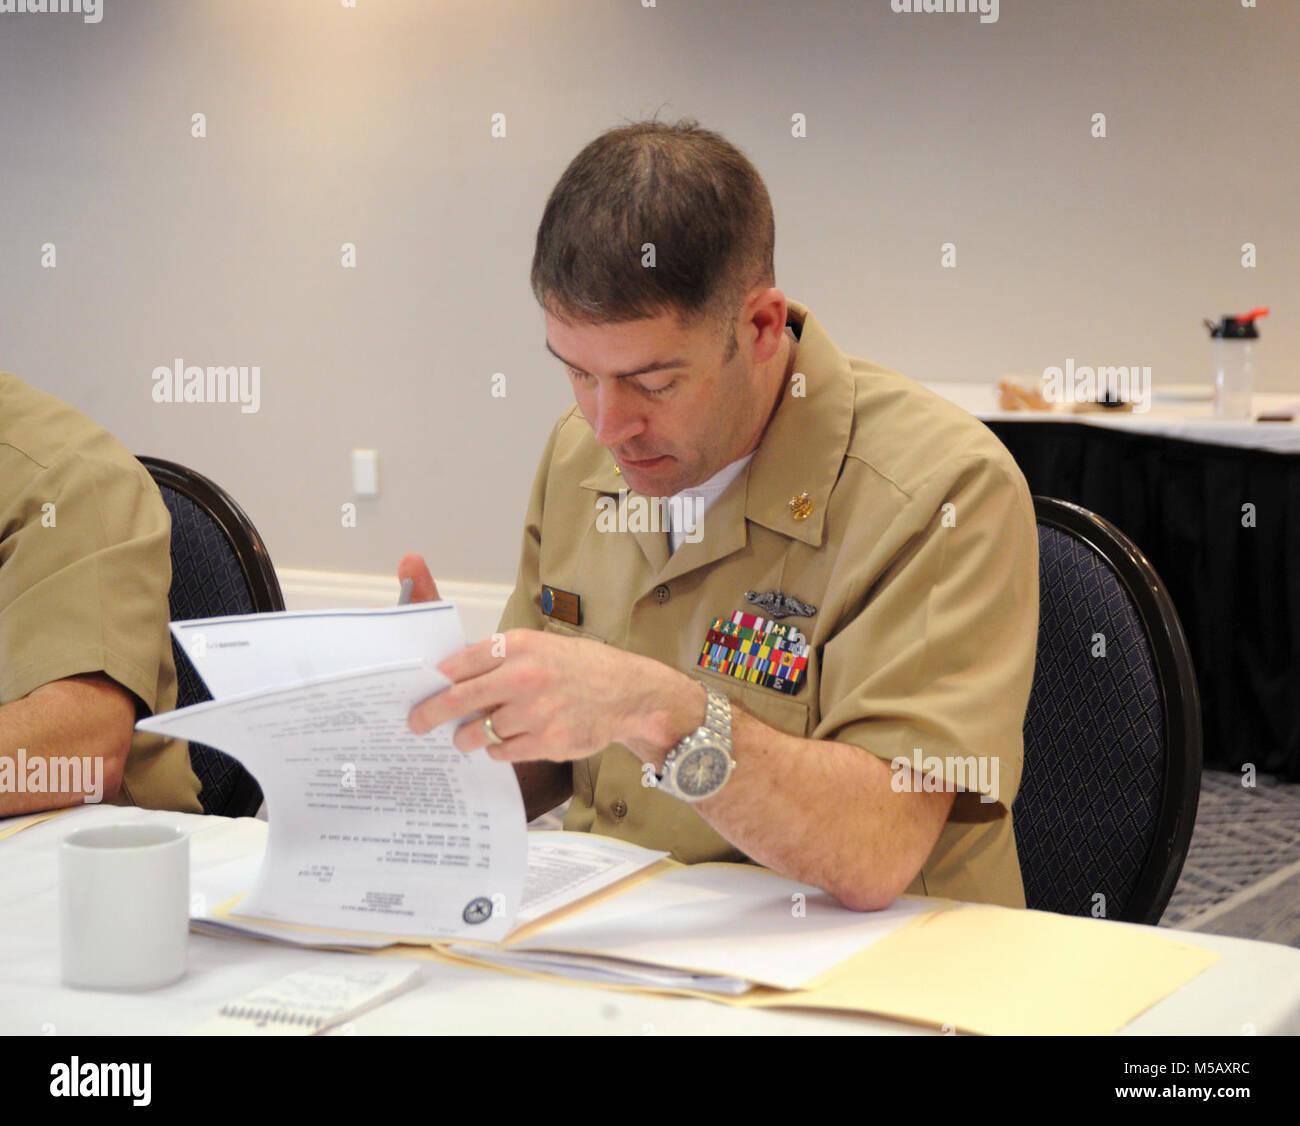 Berühmt Wartung Maschinist Setzt Fort Bilder - Entry Level Resume ...